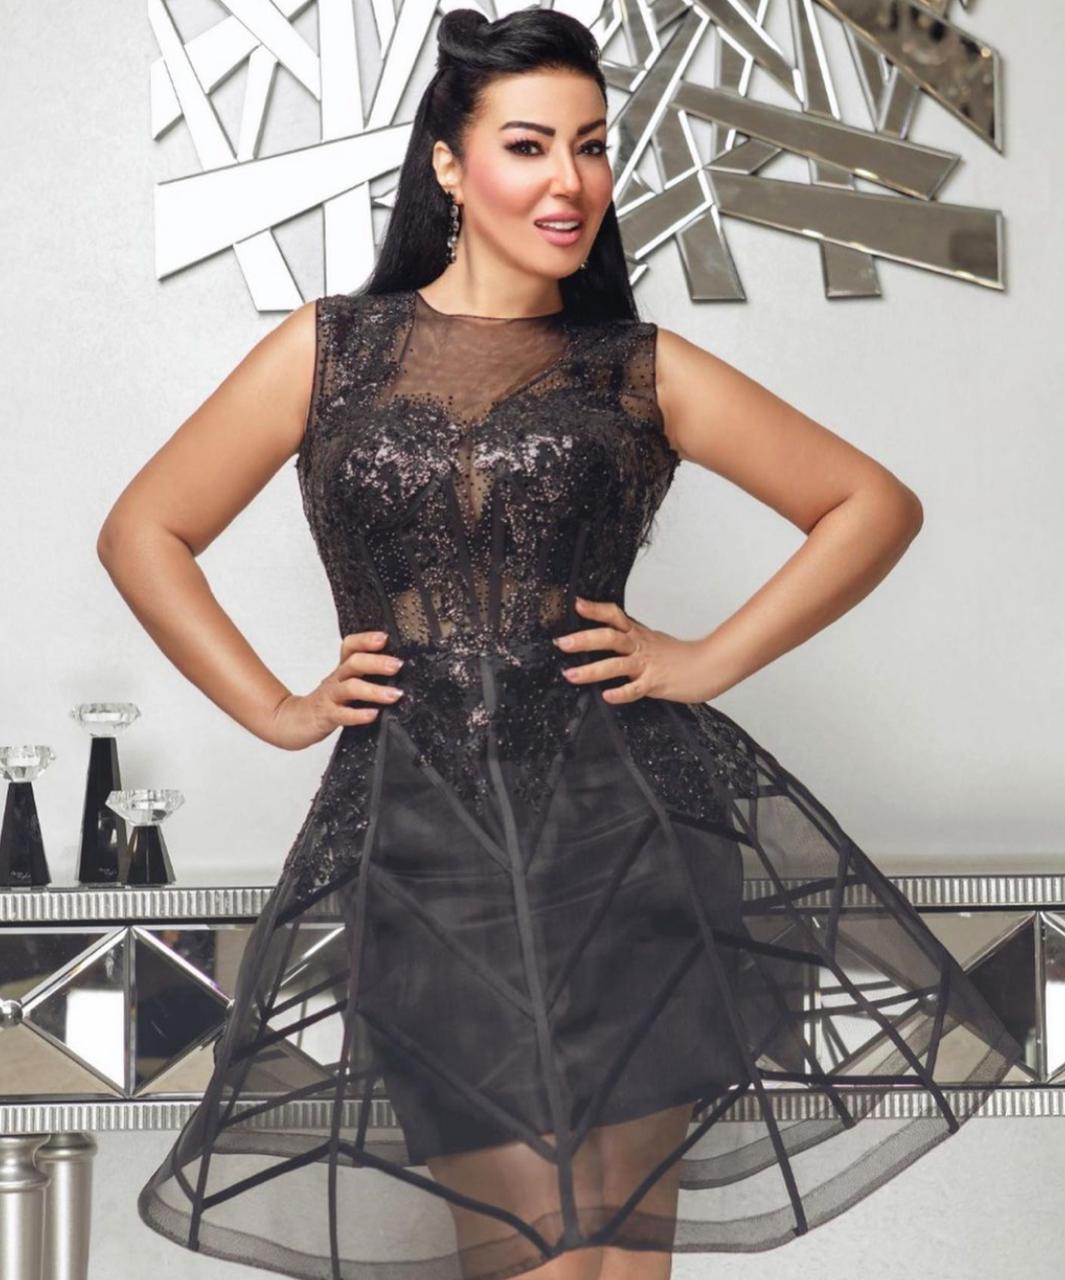 خيارات الفساتين السوداء المستوحاة من سمية الخشاب